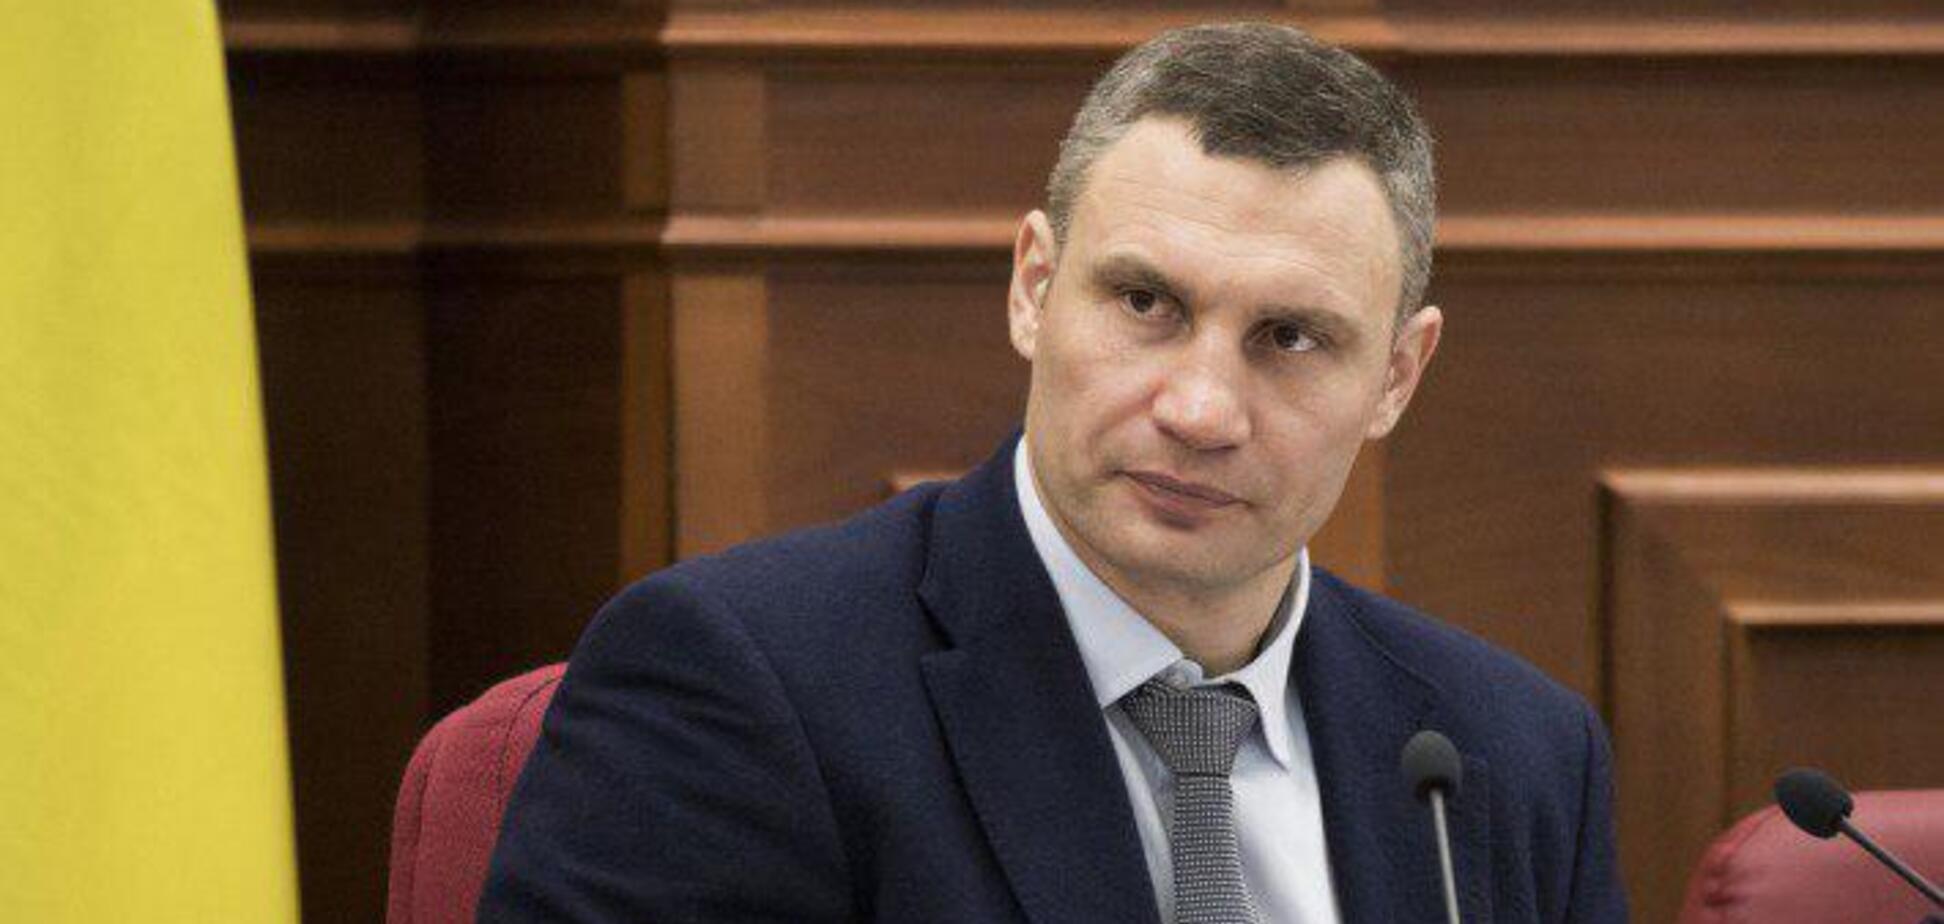 Кличко считает, что дуализм власти может заблокировать развитие Киева